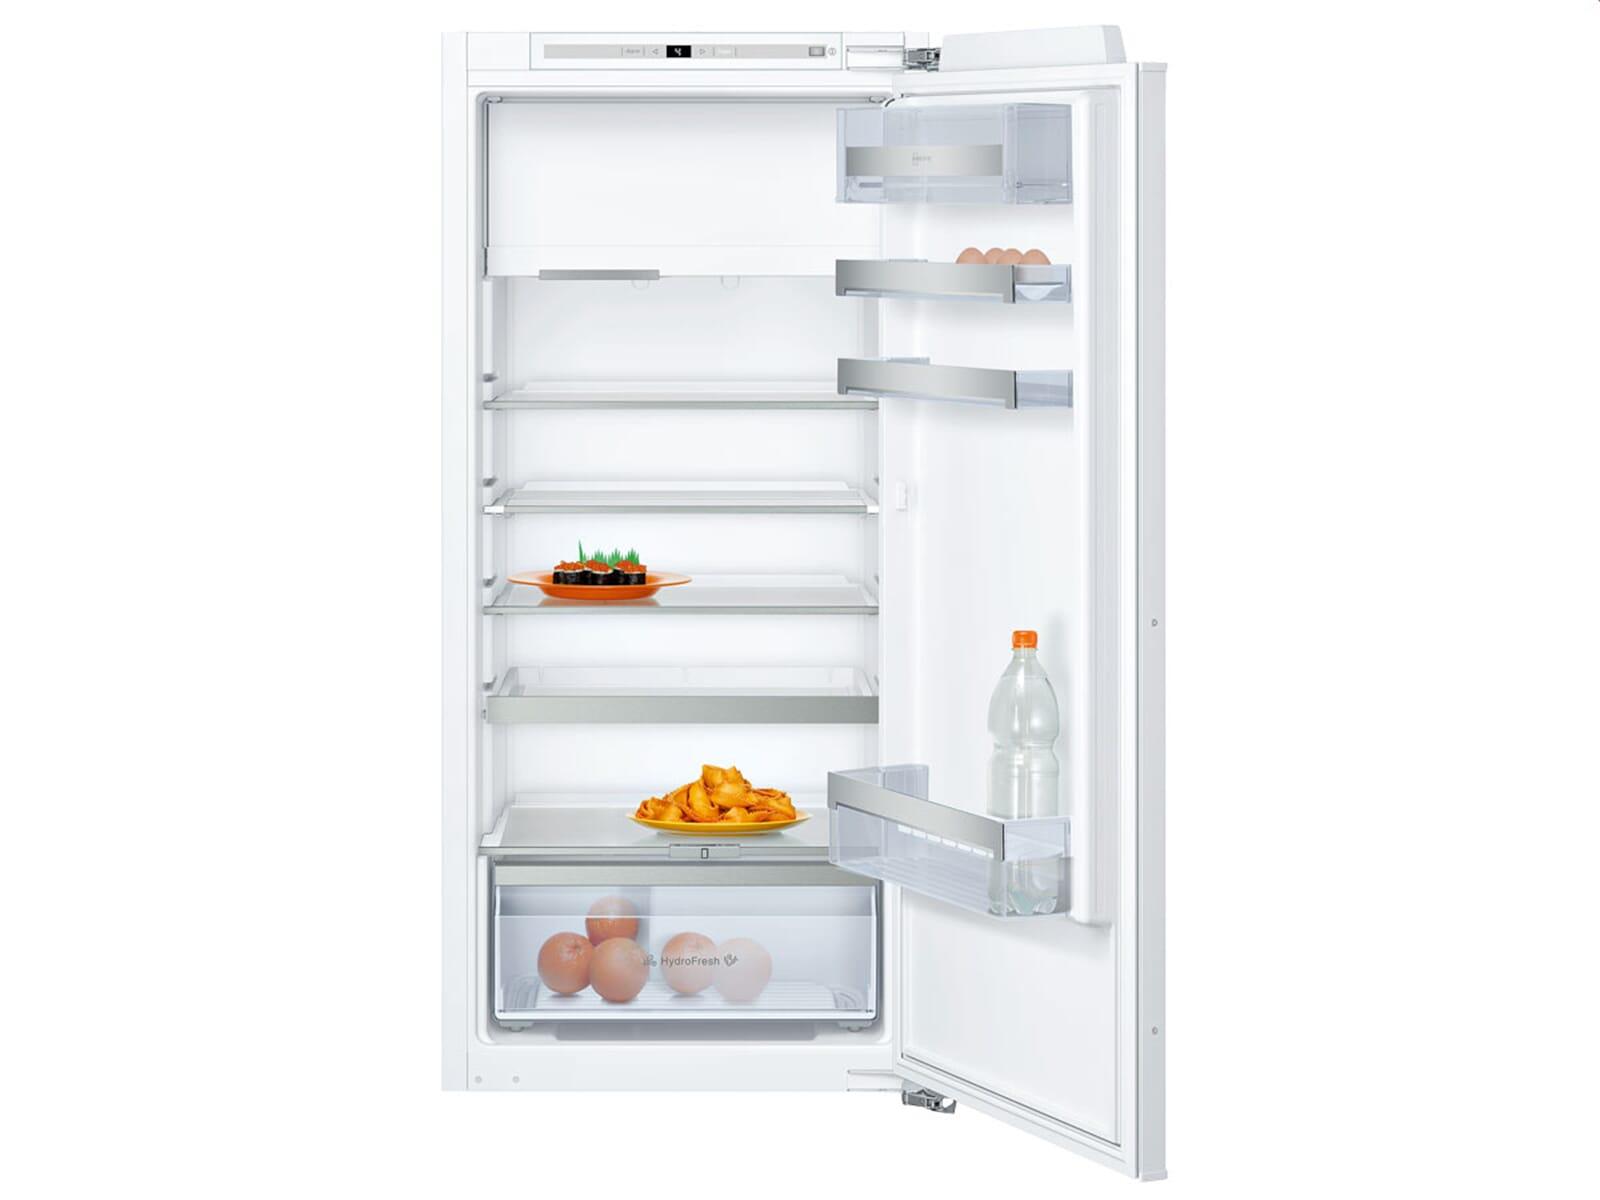 Kühlschrank Neff Ersatzteile : Neff küche ersatzteile original knebel mit knebelunterteil für